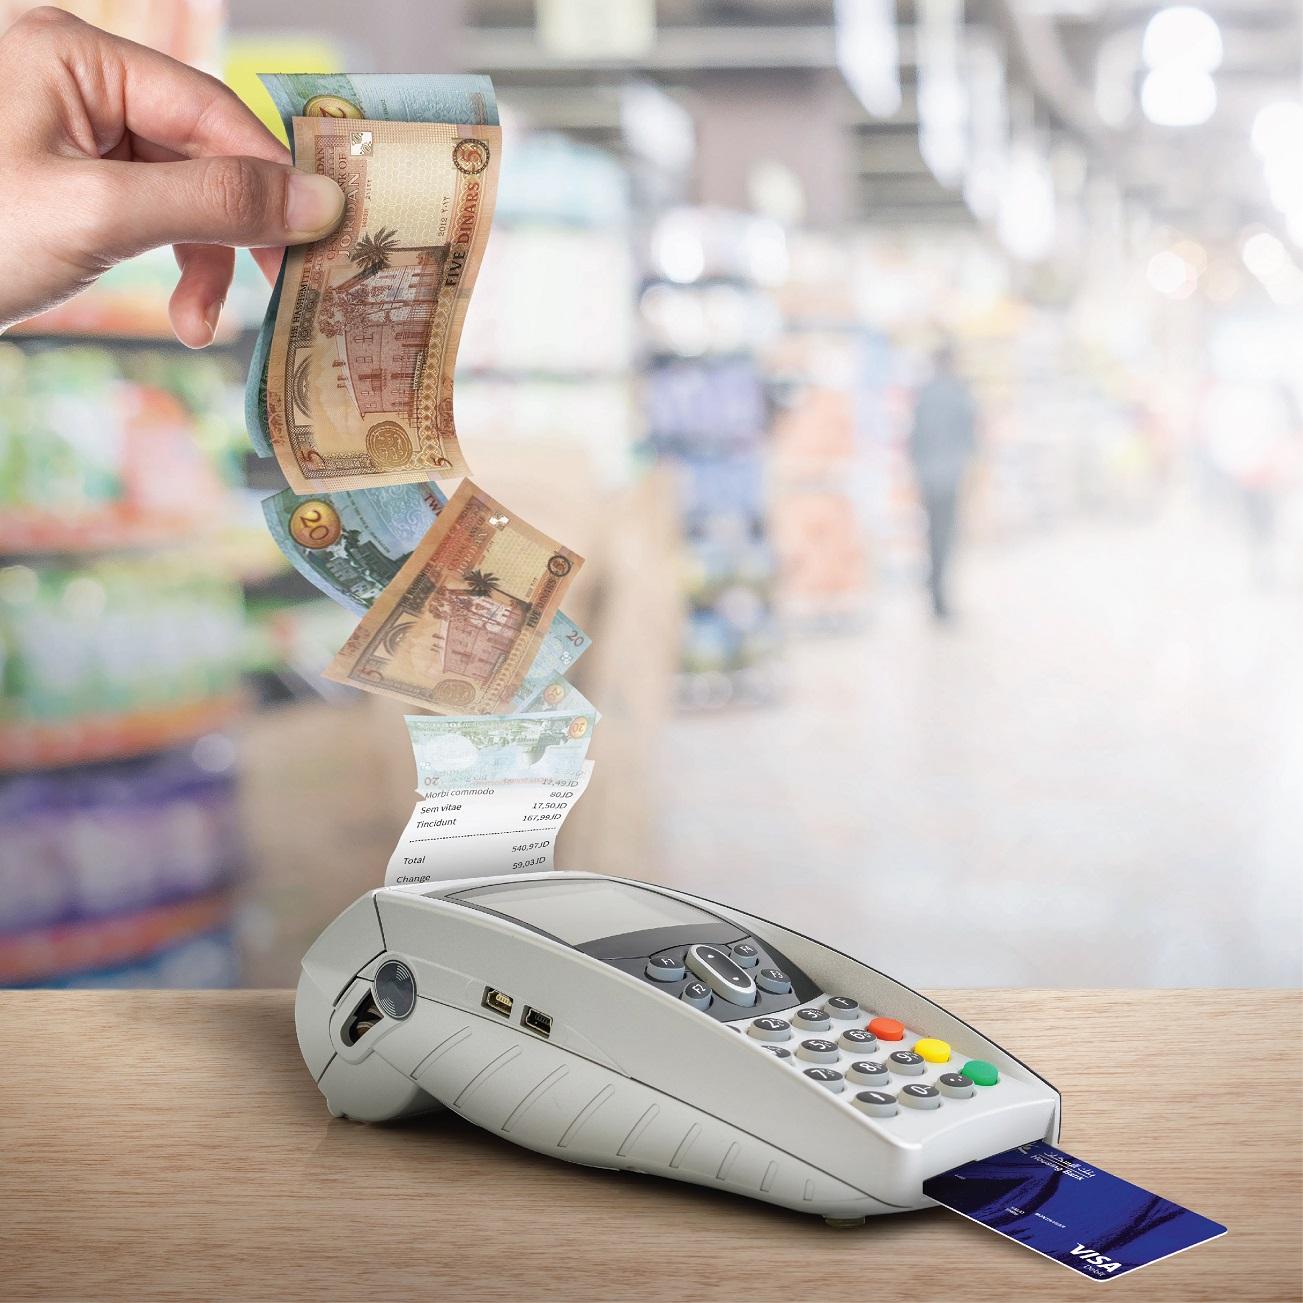 بنك الاسكان يروج لاستخدام بطاقات visa بالتعاون مع فيزا العالمية